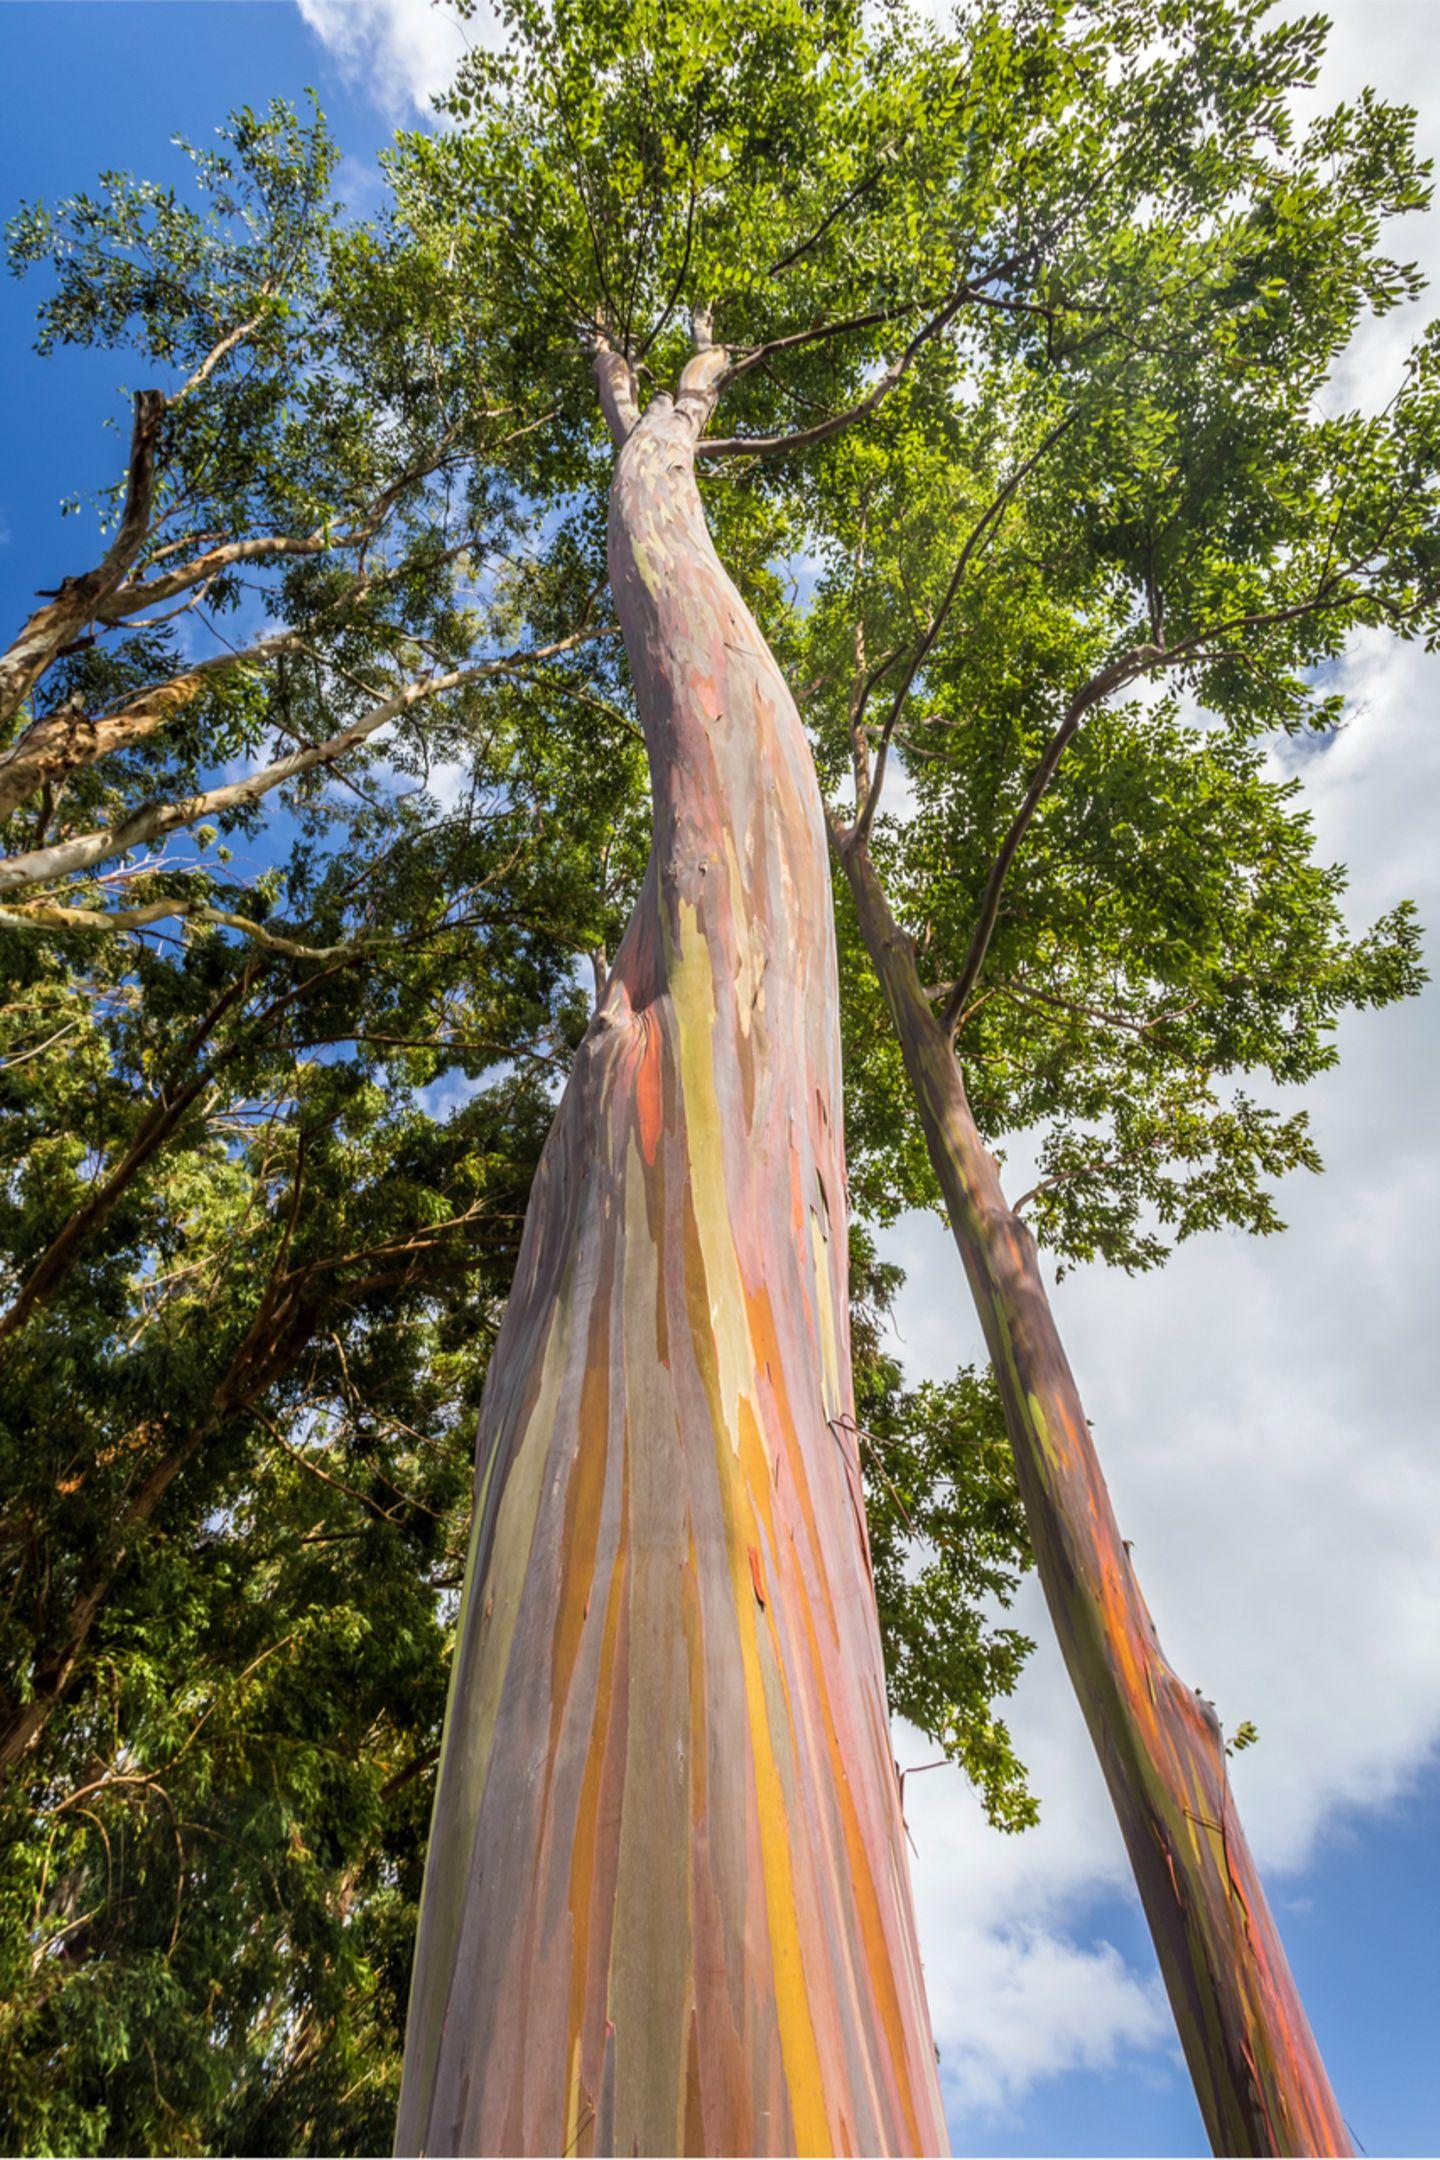 Pflanzen: Rinde wie ein Kunstwerk: Das Geheimnis der Regenbogenbäume - Bild 4